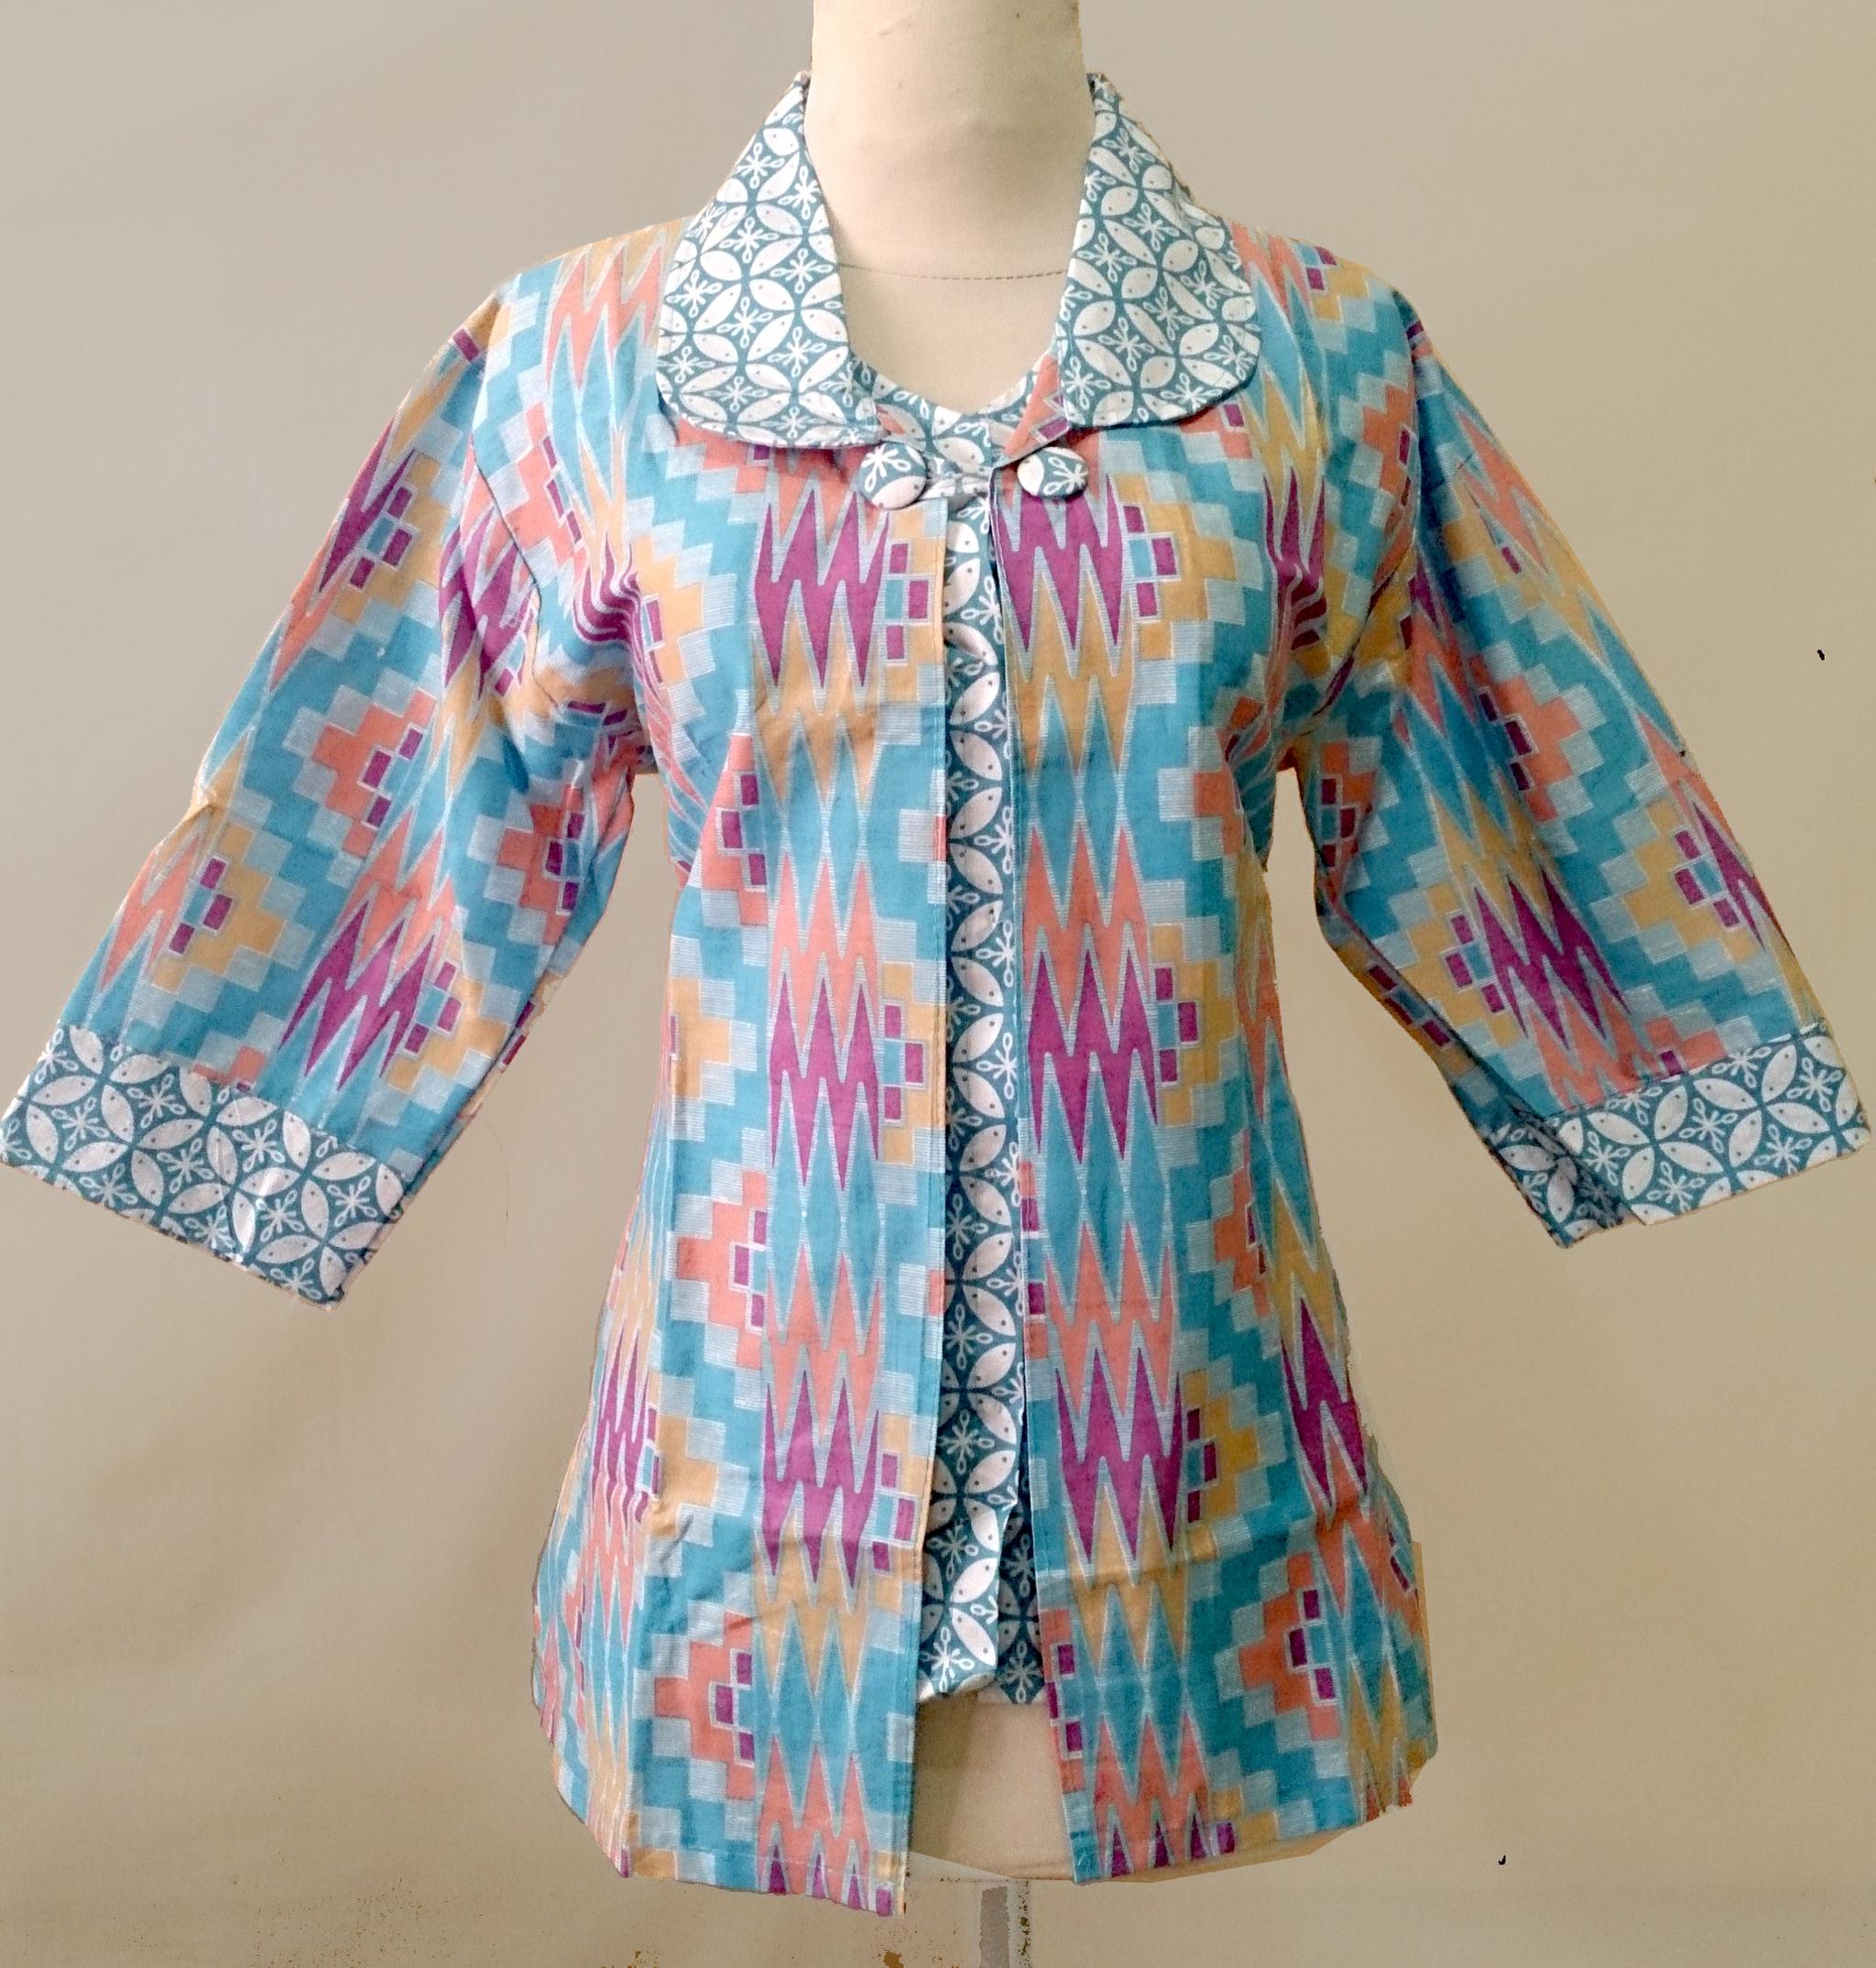 Blus baju batik modern kantoran wanita Model Blus Batik 5252f88889